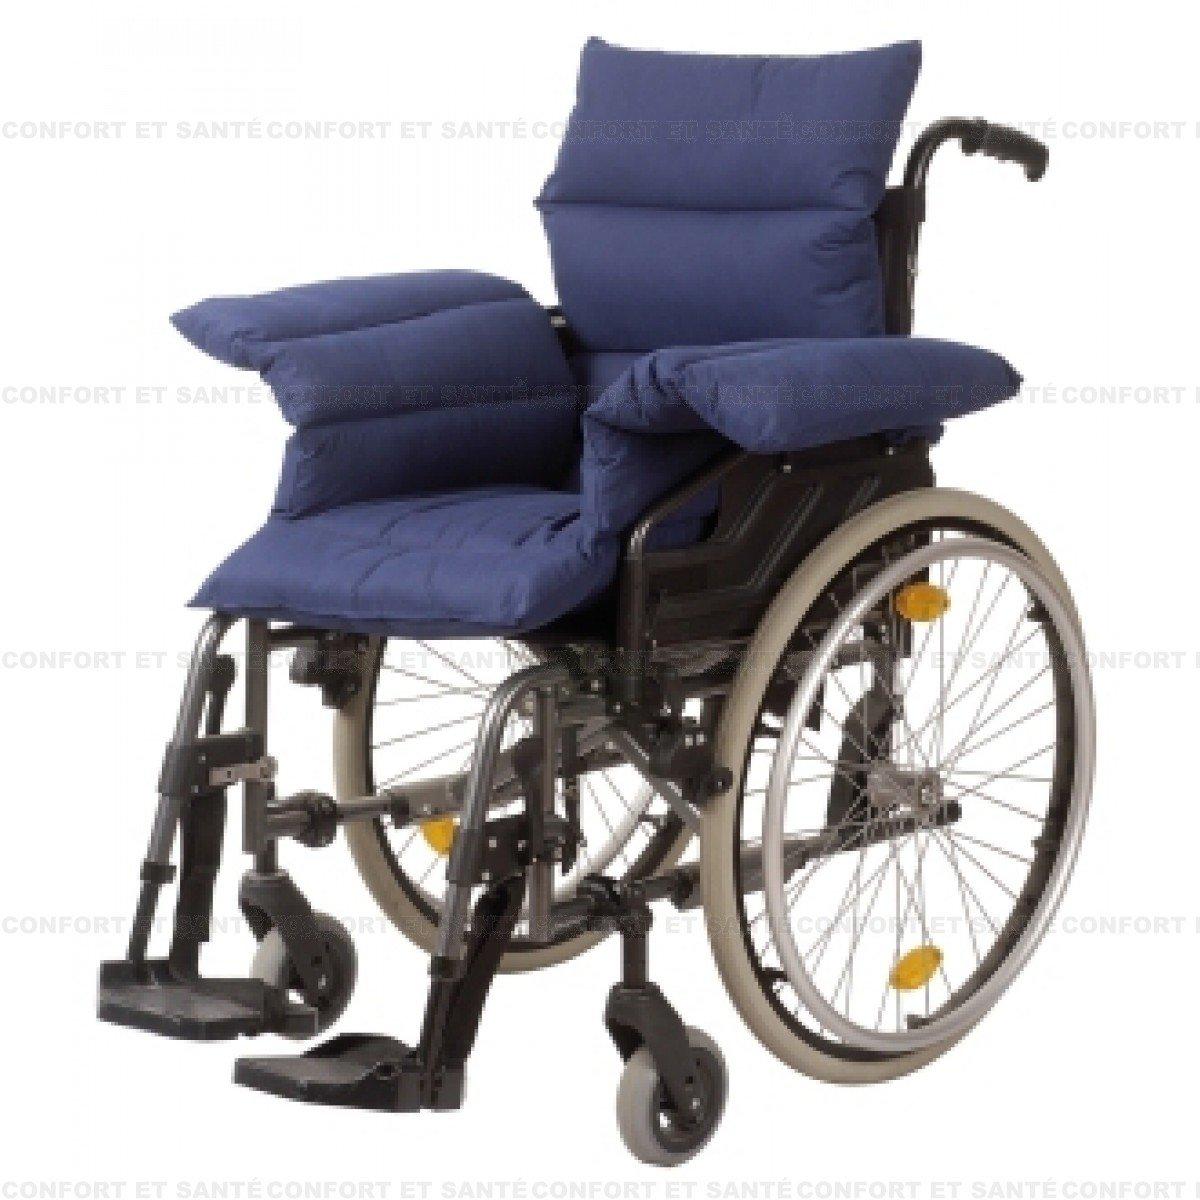 retapisser un fauteuil alg 233 28 images comment. Black Bedroom Furniture Sets. Home Design Ideas